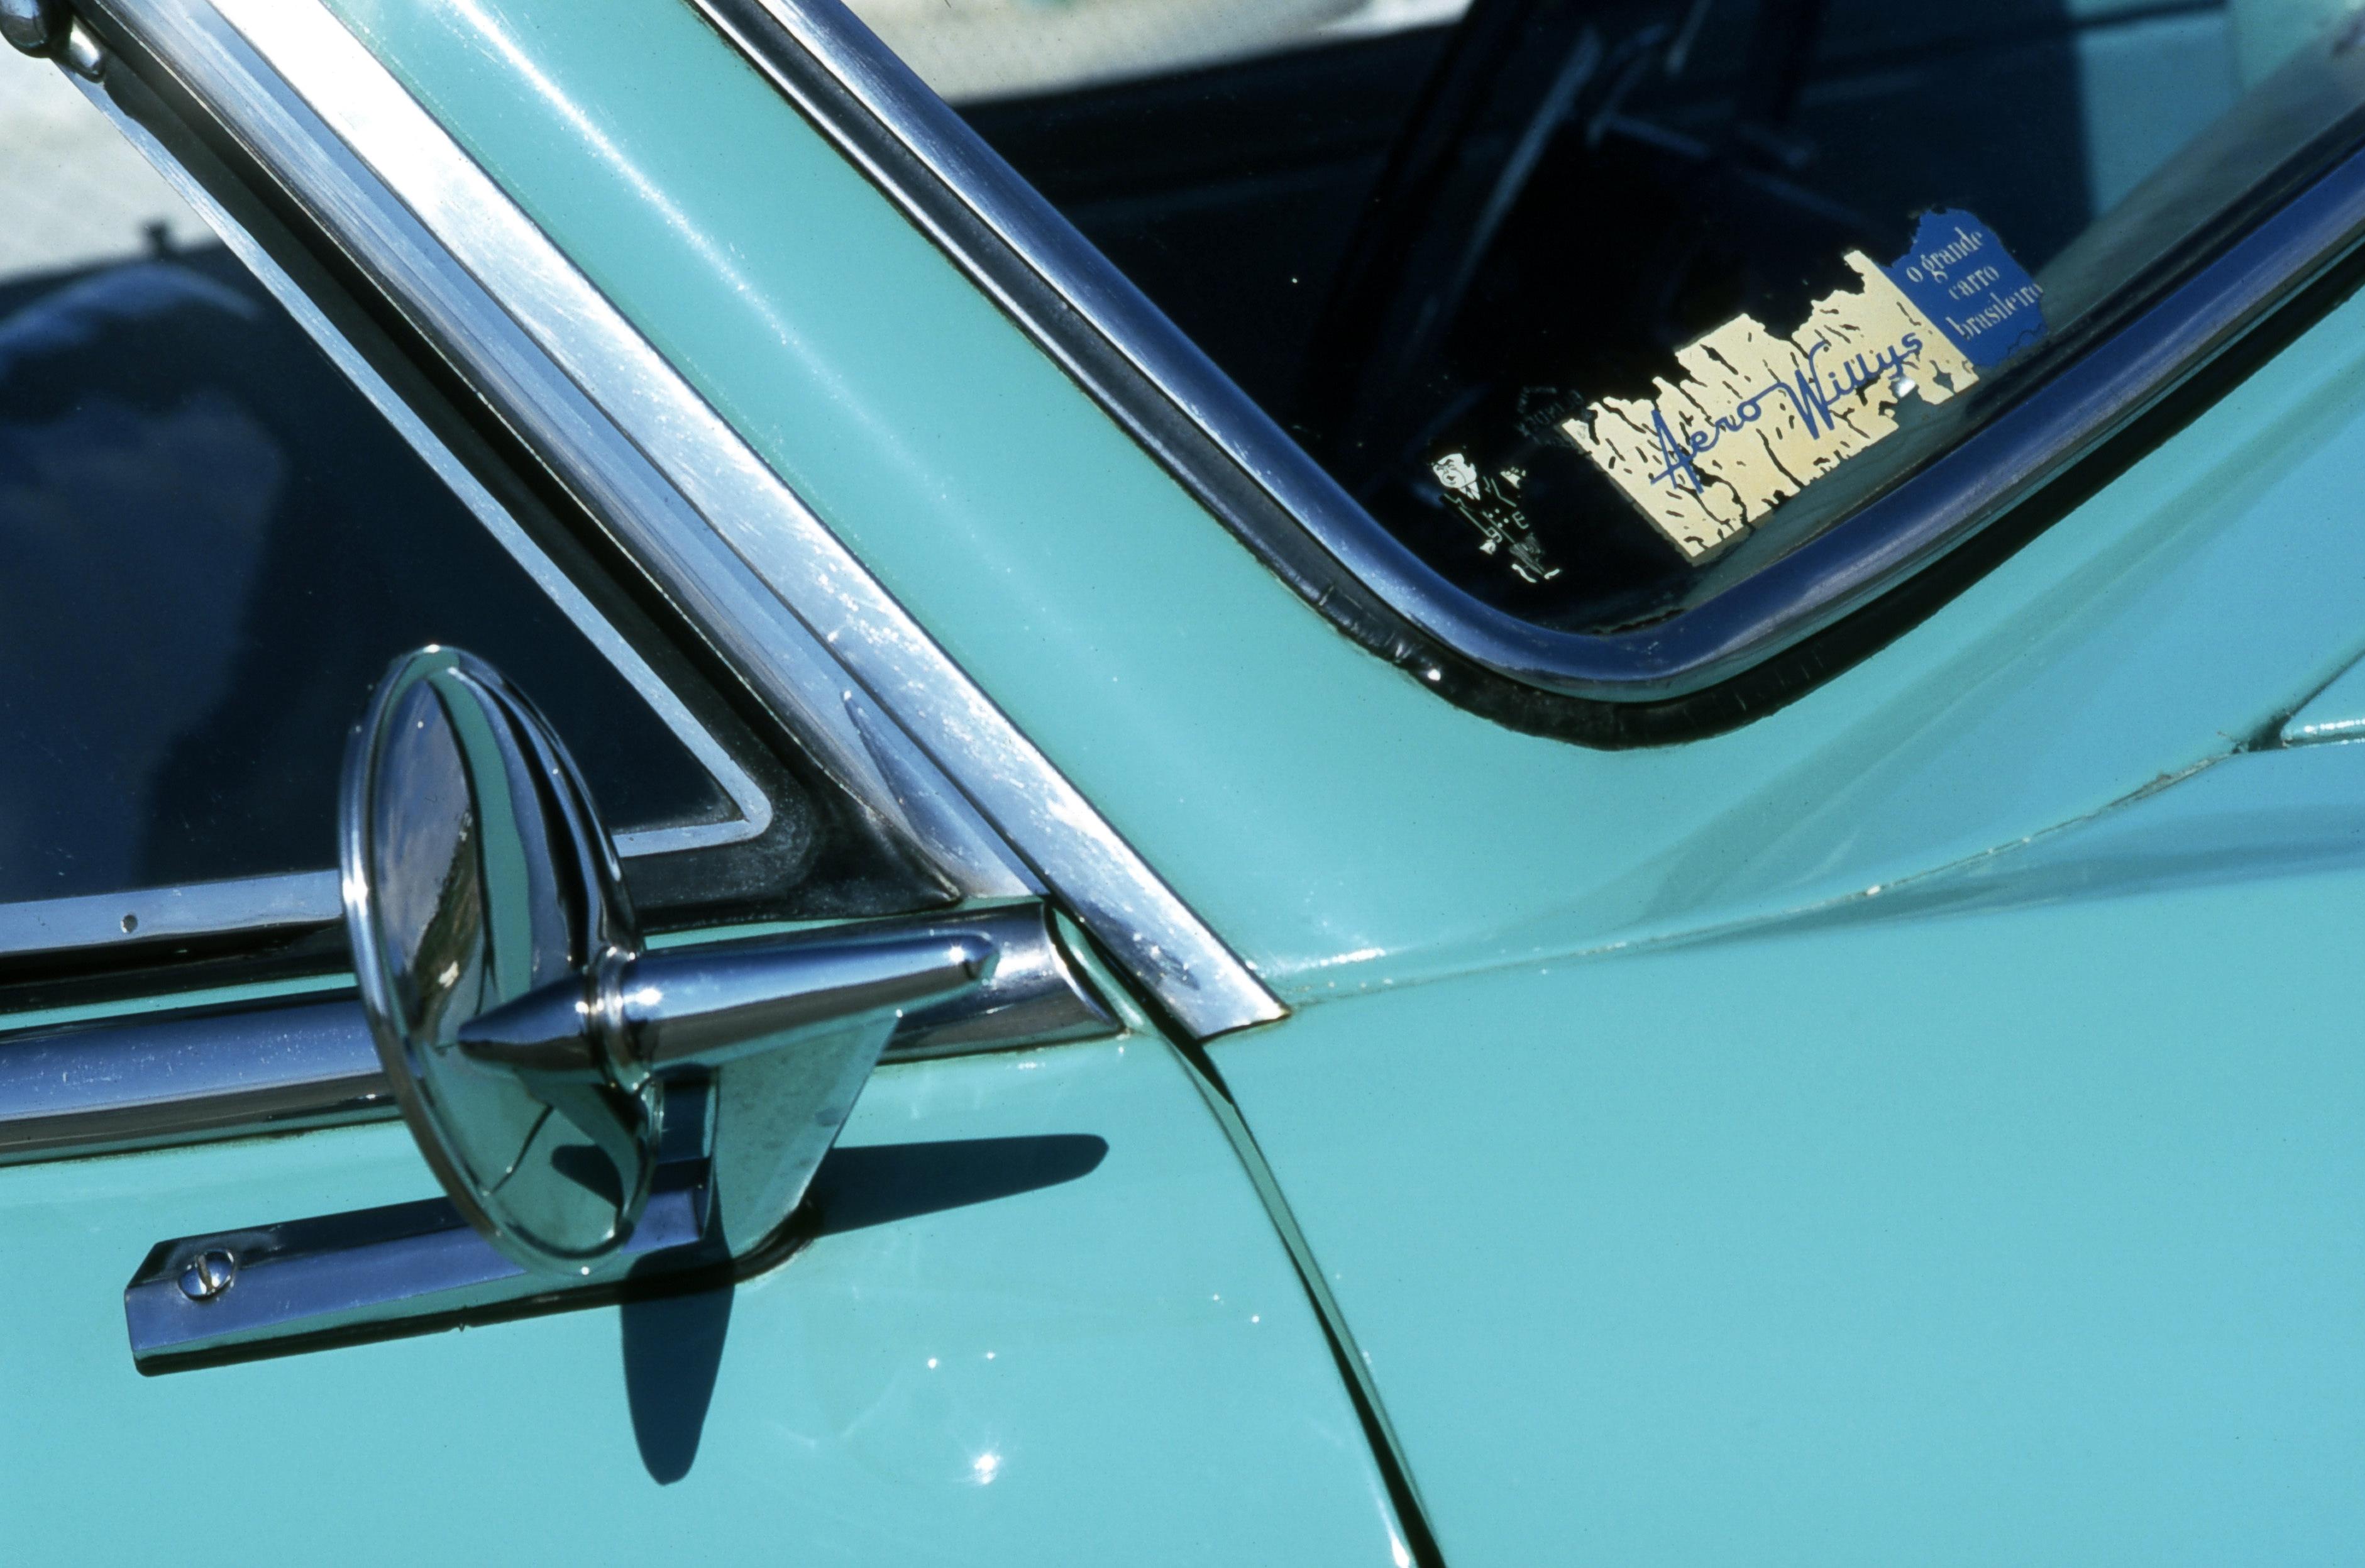 Espelho-retrovisor-do-Aero-Willys-2600-da-década-de-60-da-Willys..jpg